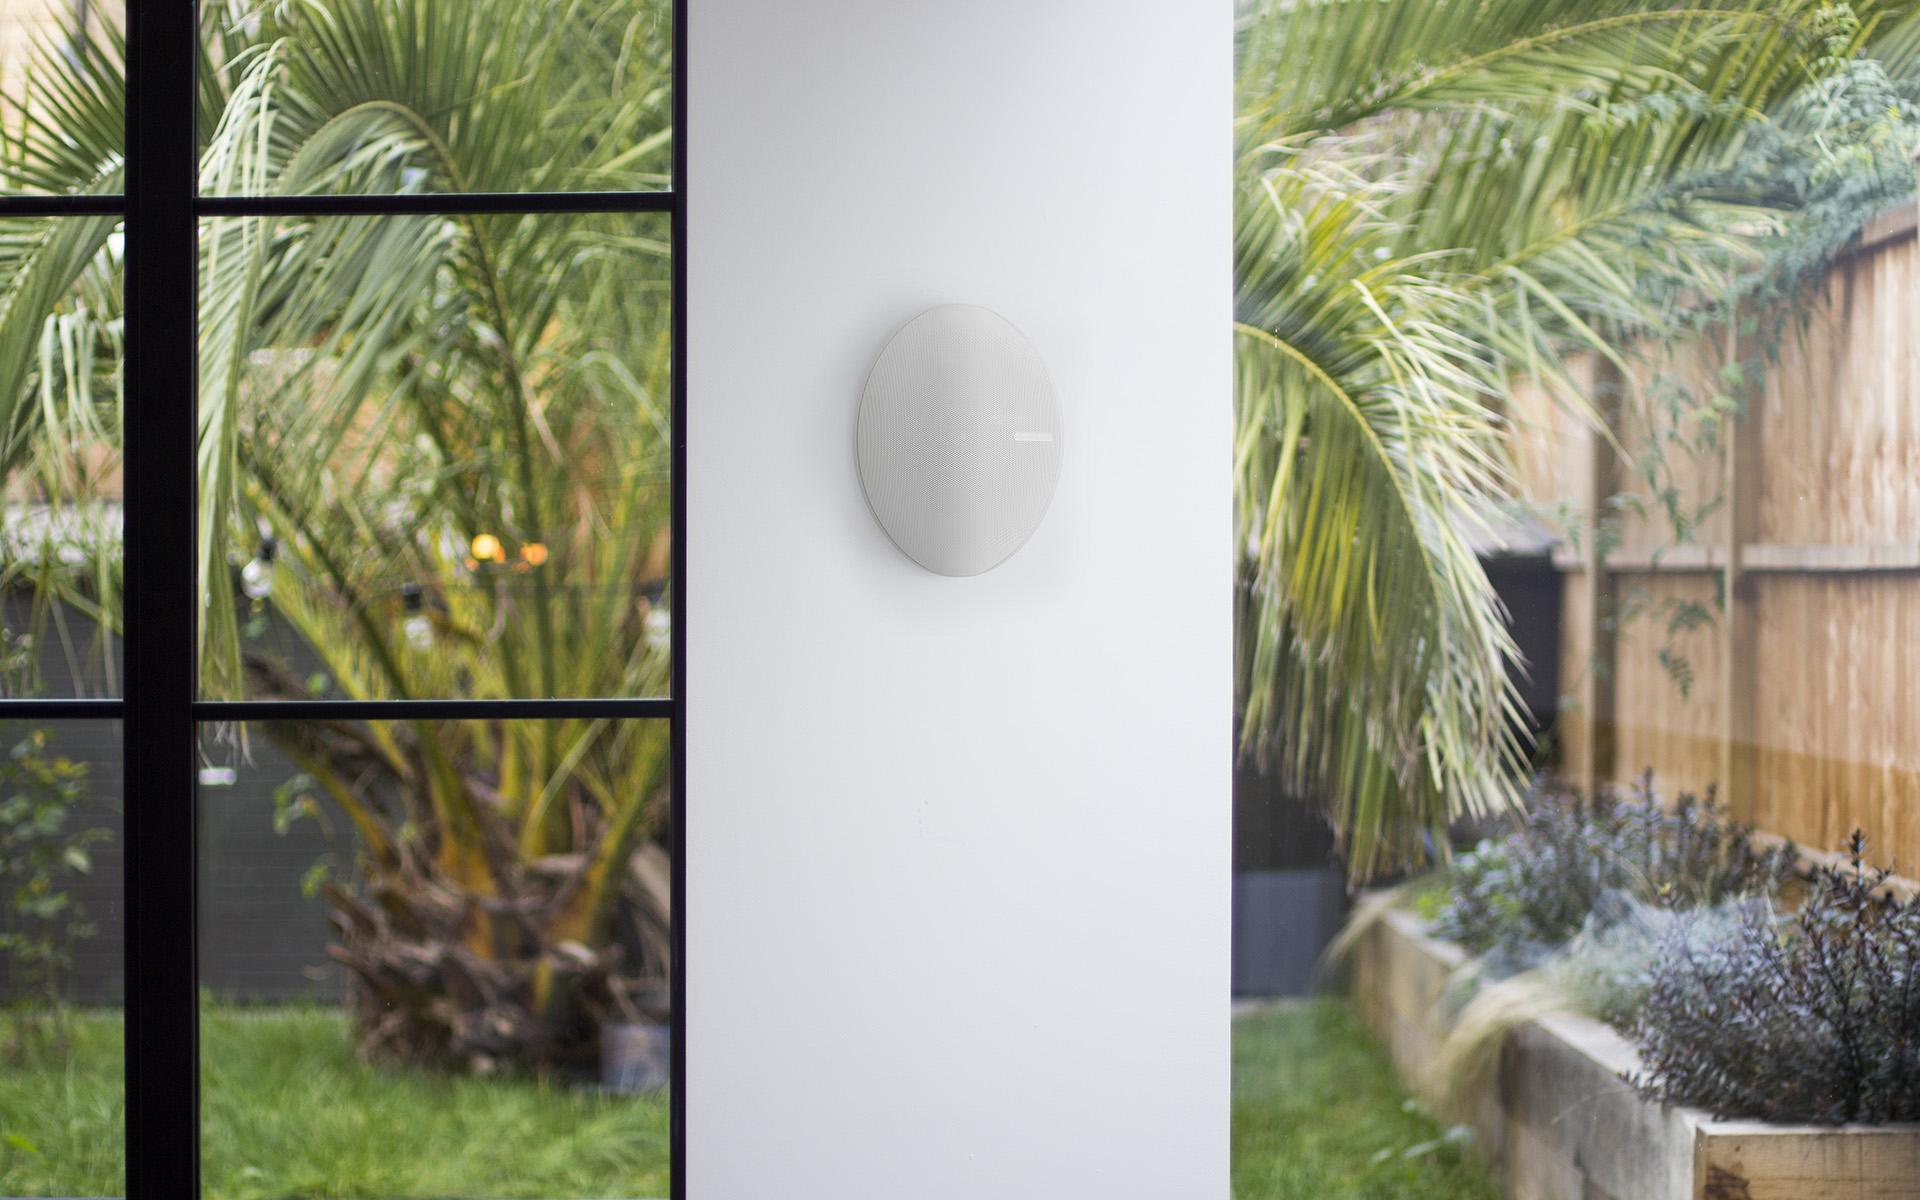 Всепогодная акустическая система Vecta предназначена для размещения как на открытом воздухе (благодаря степени защиты IP55), так и в помещении (в баре, зоне отдыха, бассейне, сауне – список можно продолжать до бесконечности)